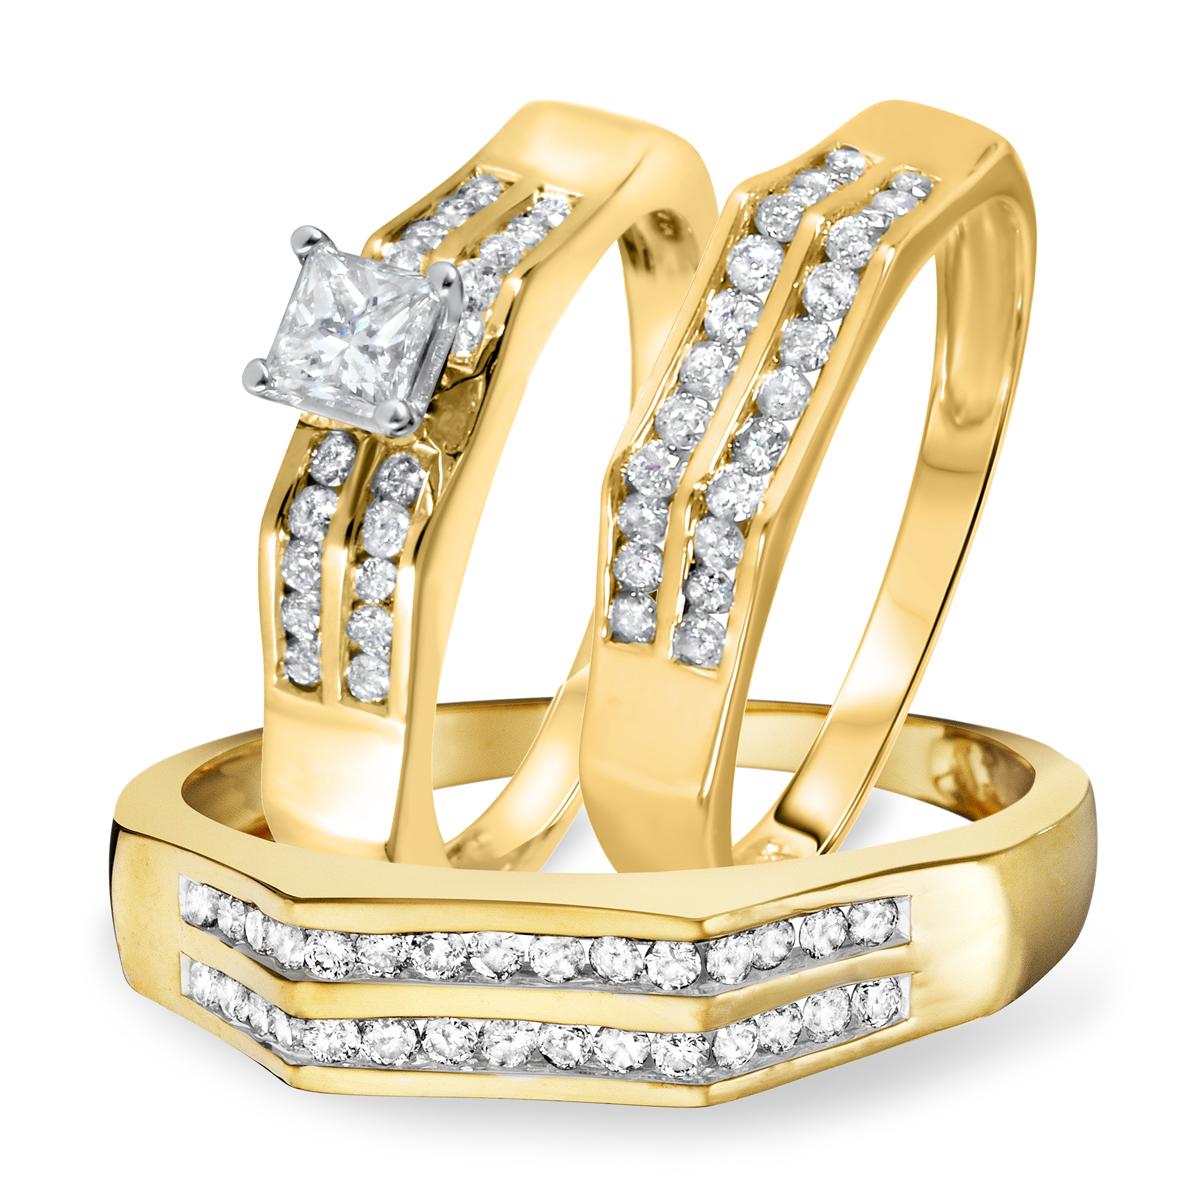 1 1/10 CT. T.W. Diamond Ladies Engagement Ring, Wedding Band, Men